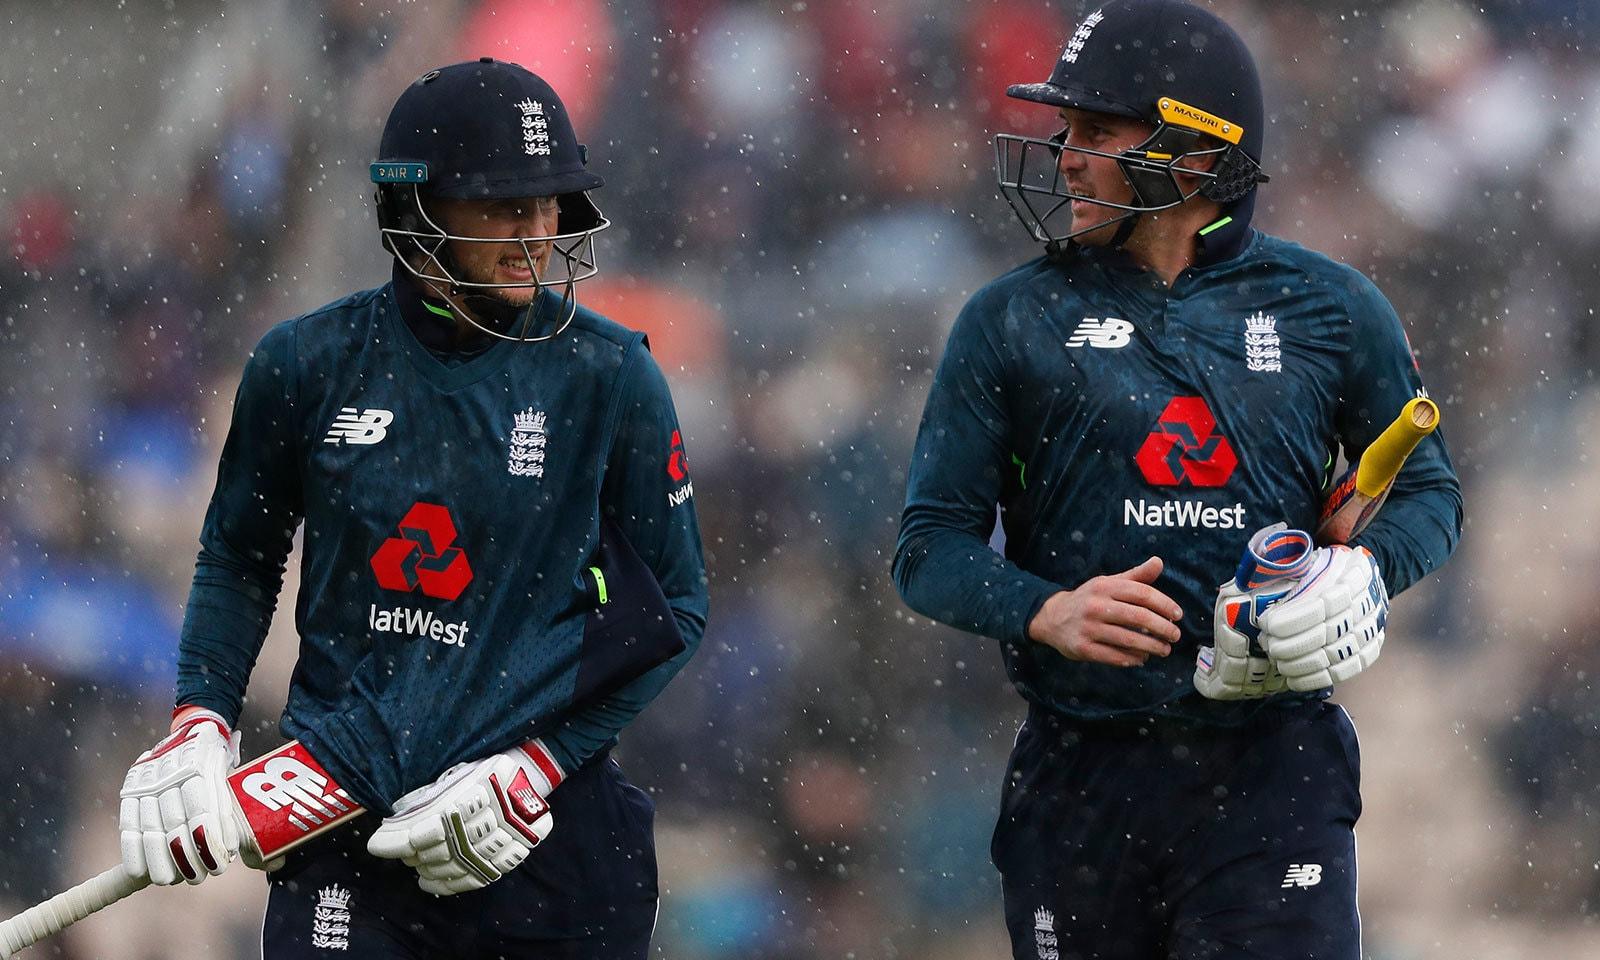 -انگلینڈ کی بیٹنگ کے دوران بارش کے باعث میچ کو تھوڑی دیر کے لیے روک دیا گیا—فوٹو:اے پی